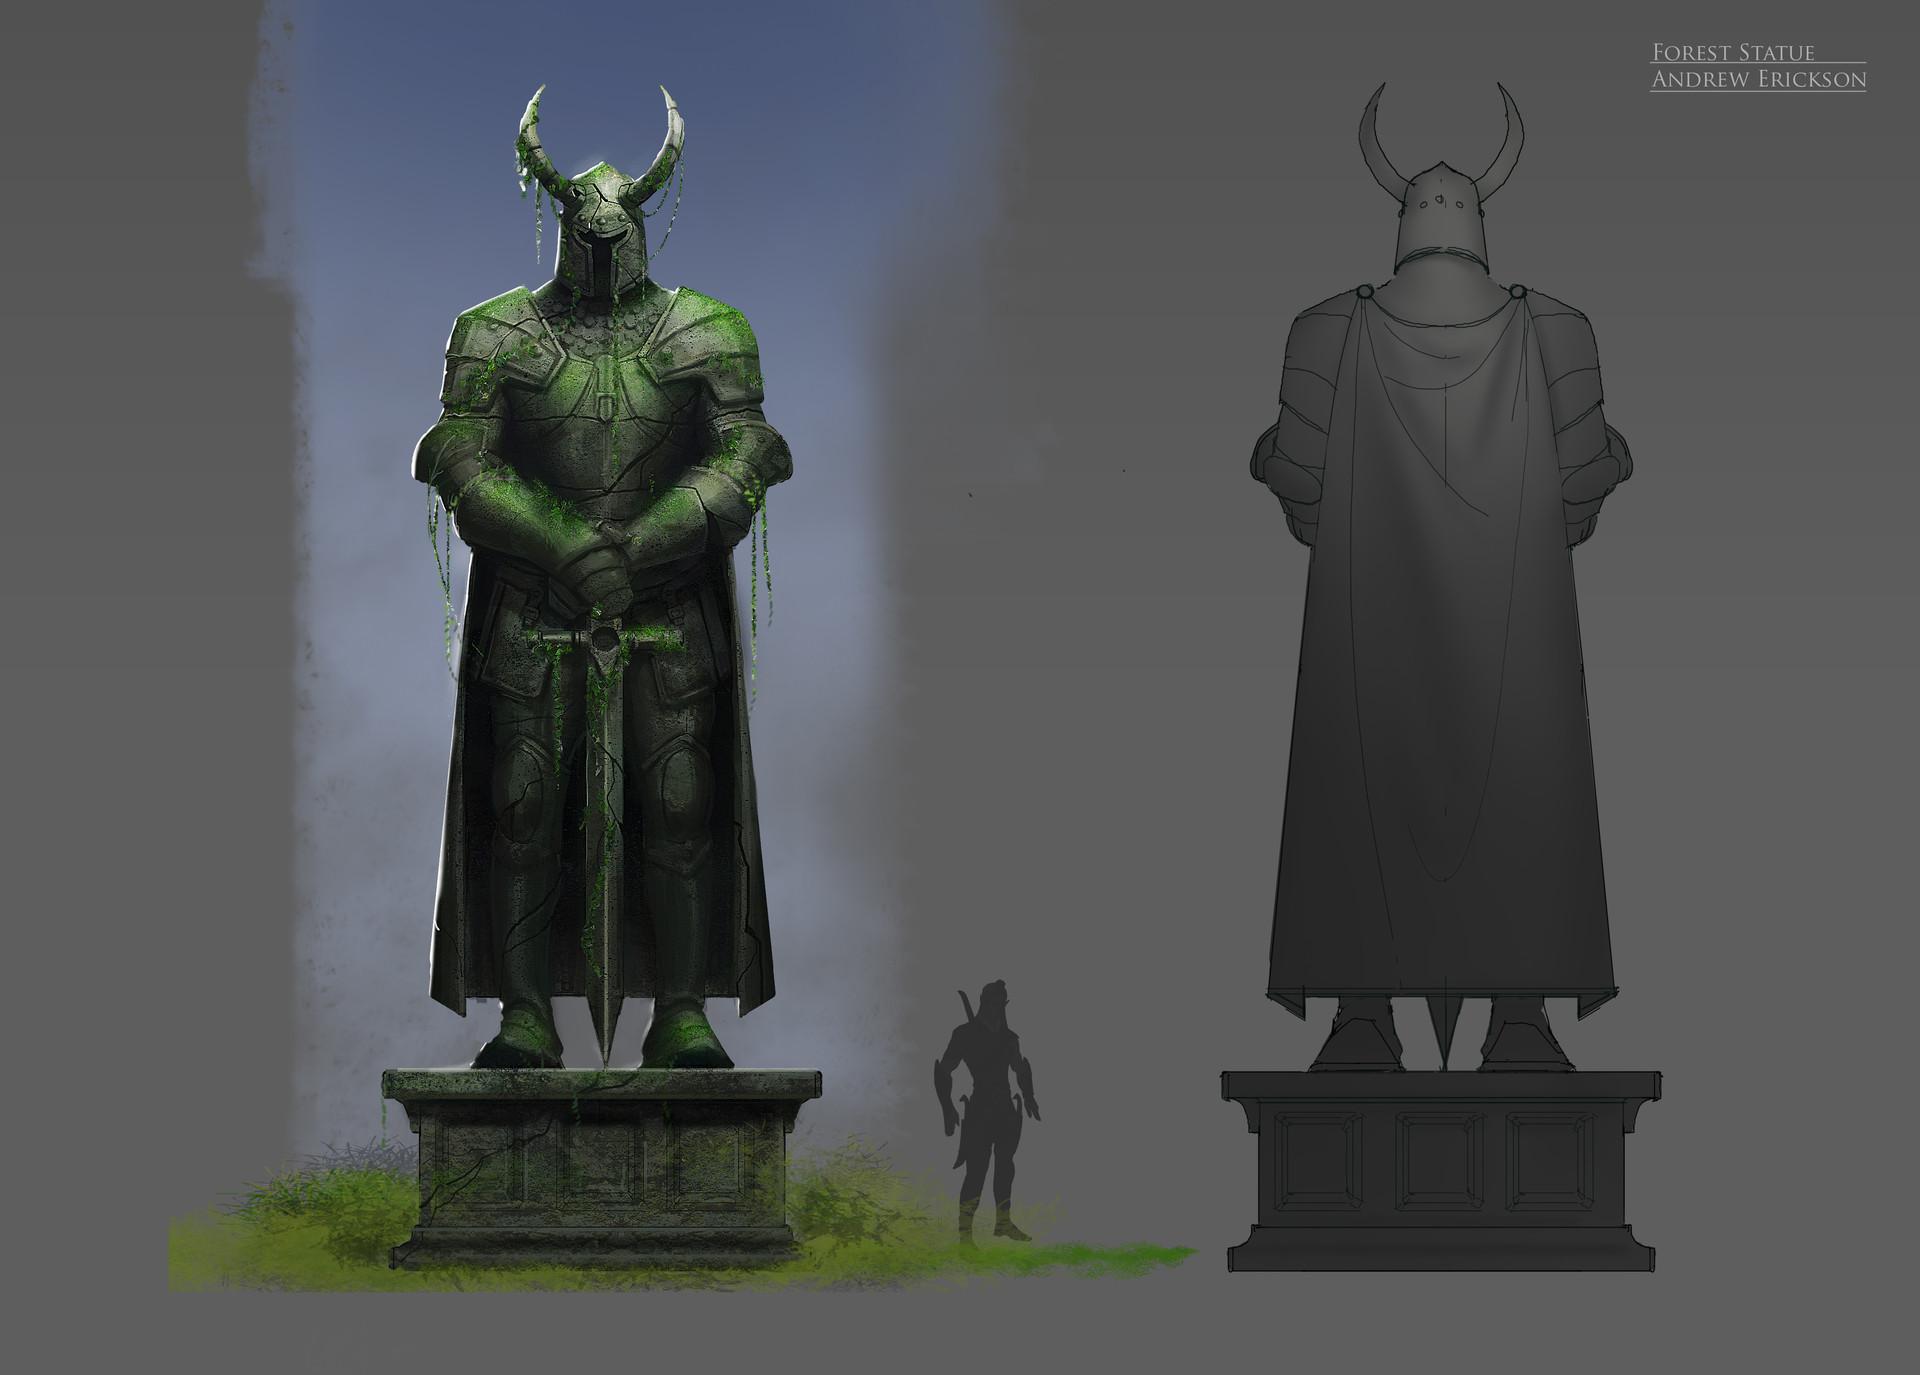 andrew-erickson-andrew-erickson-forest-statue.jpg